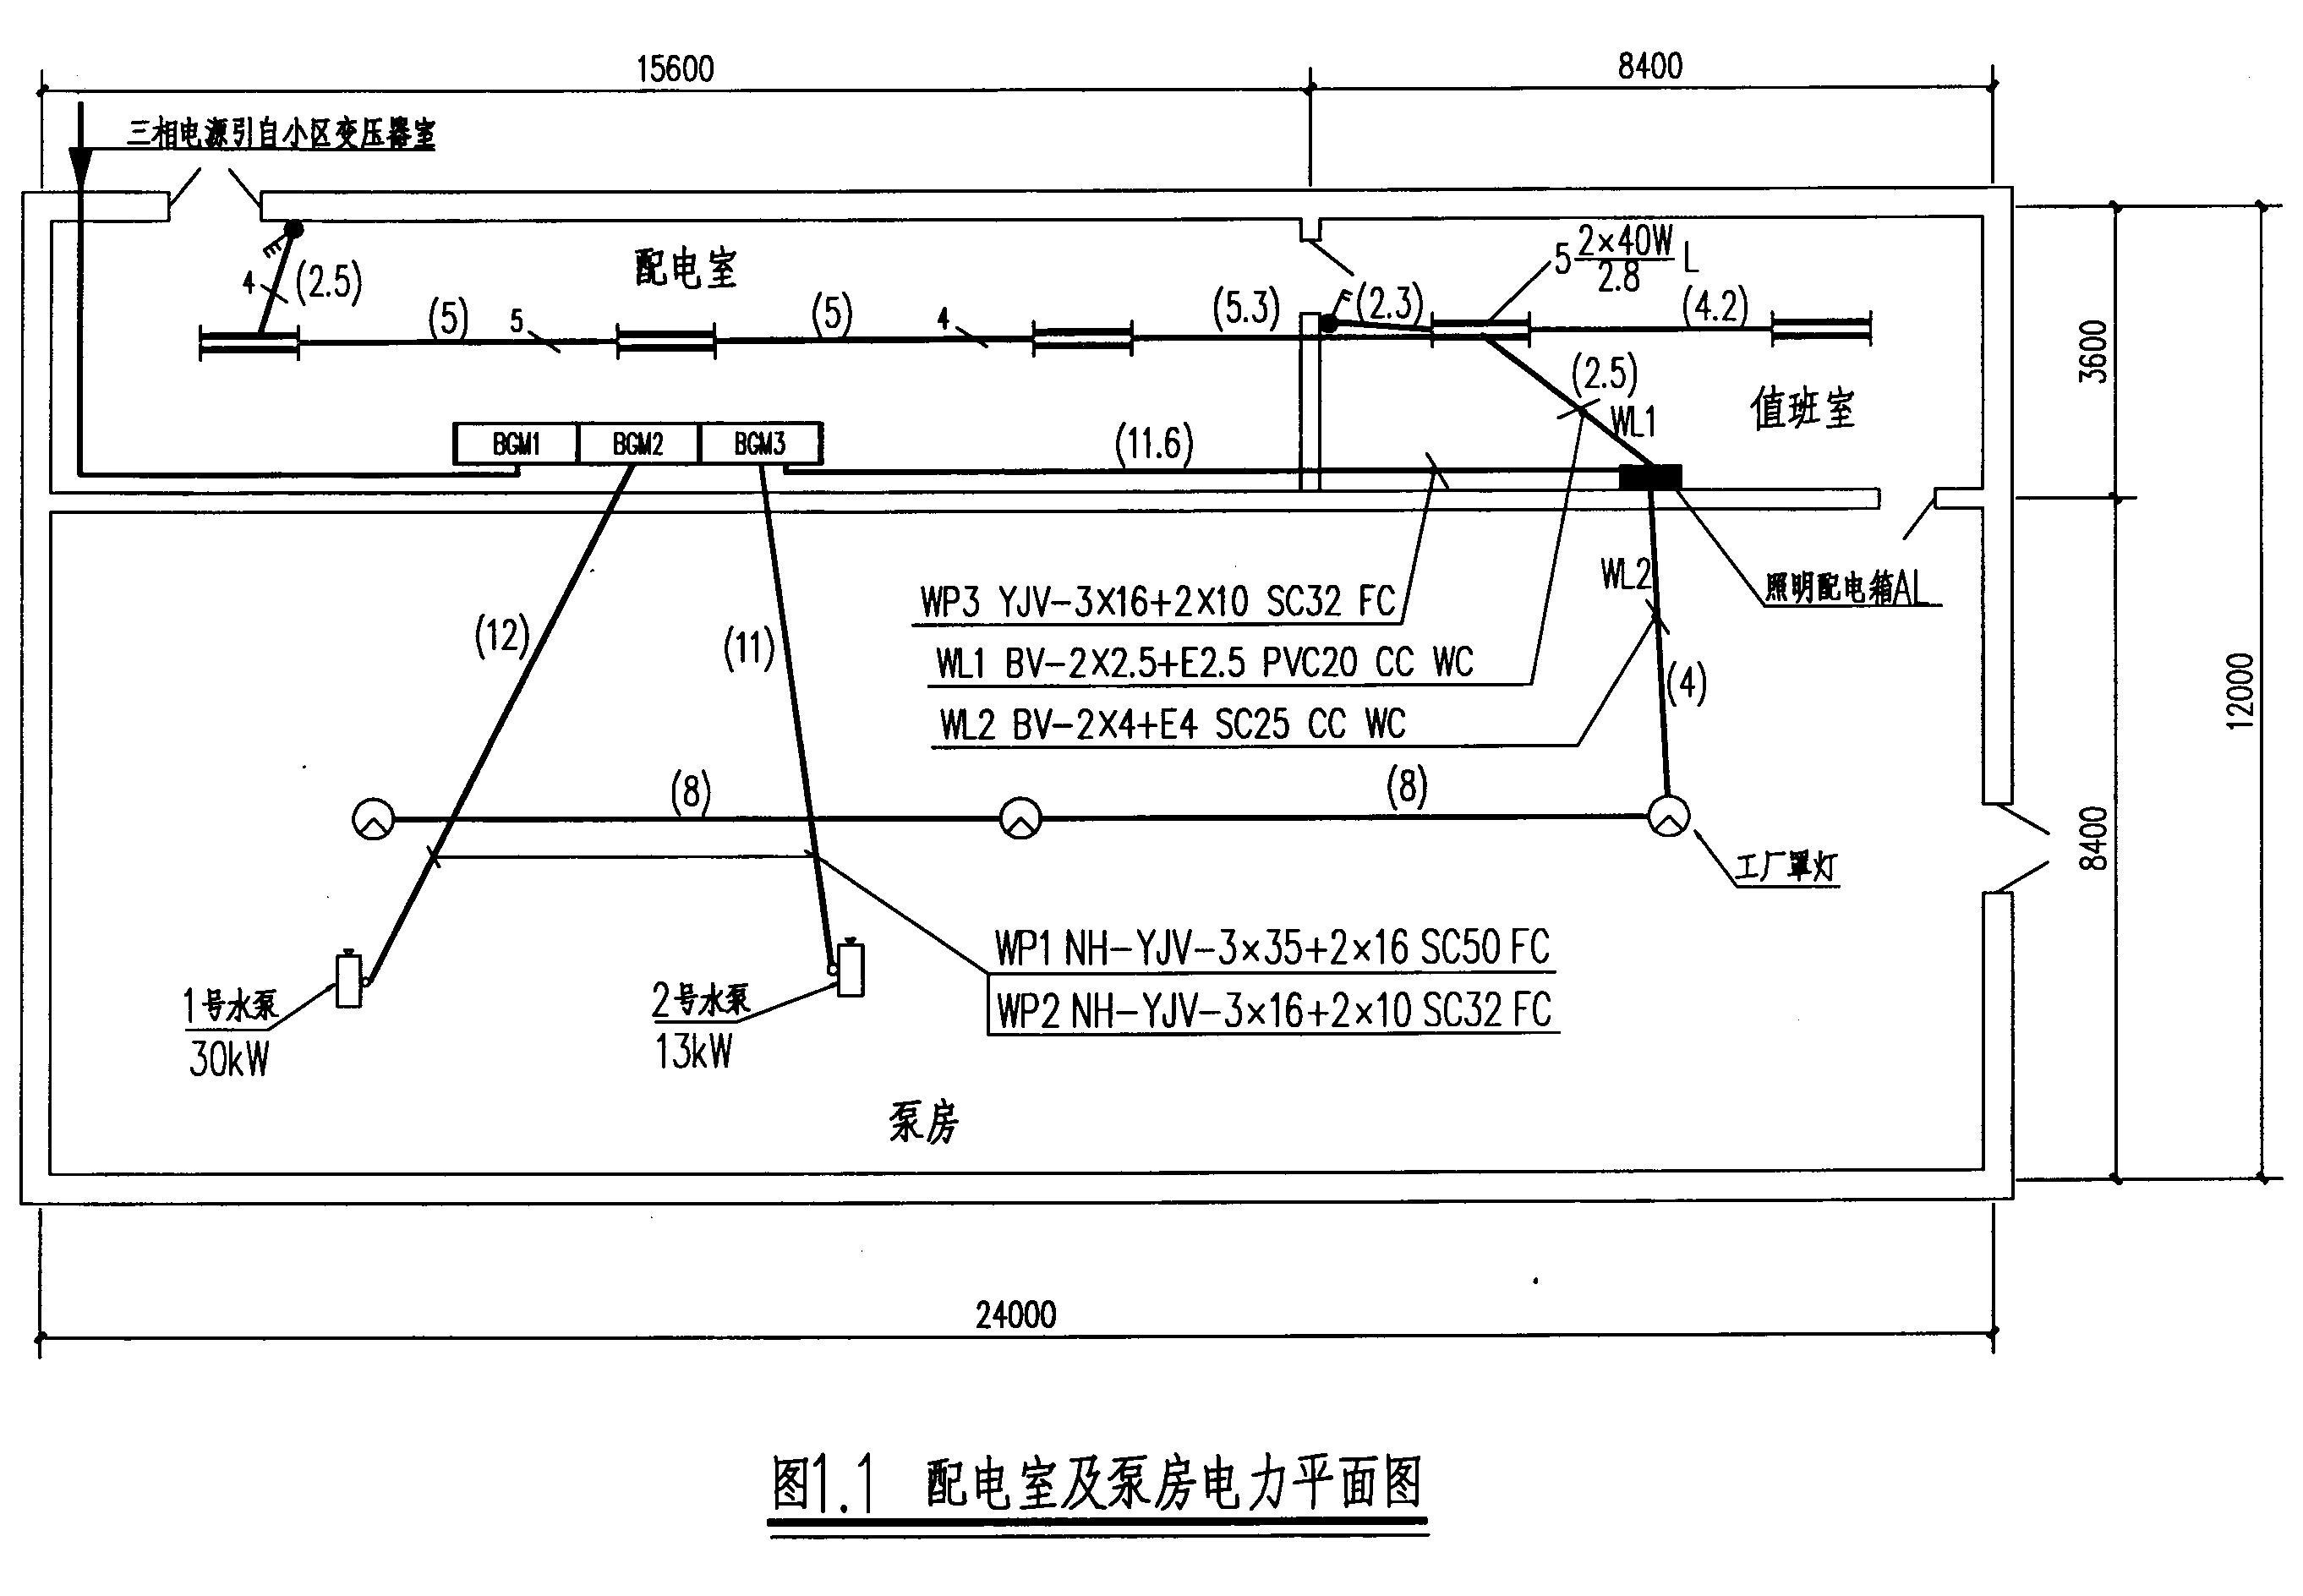 题一  某市某小区配电室及泵房电力平面图如图1.1所示,建筑面积297m2.